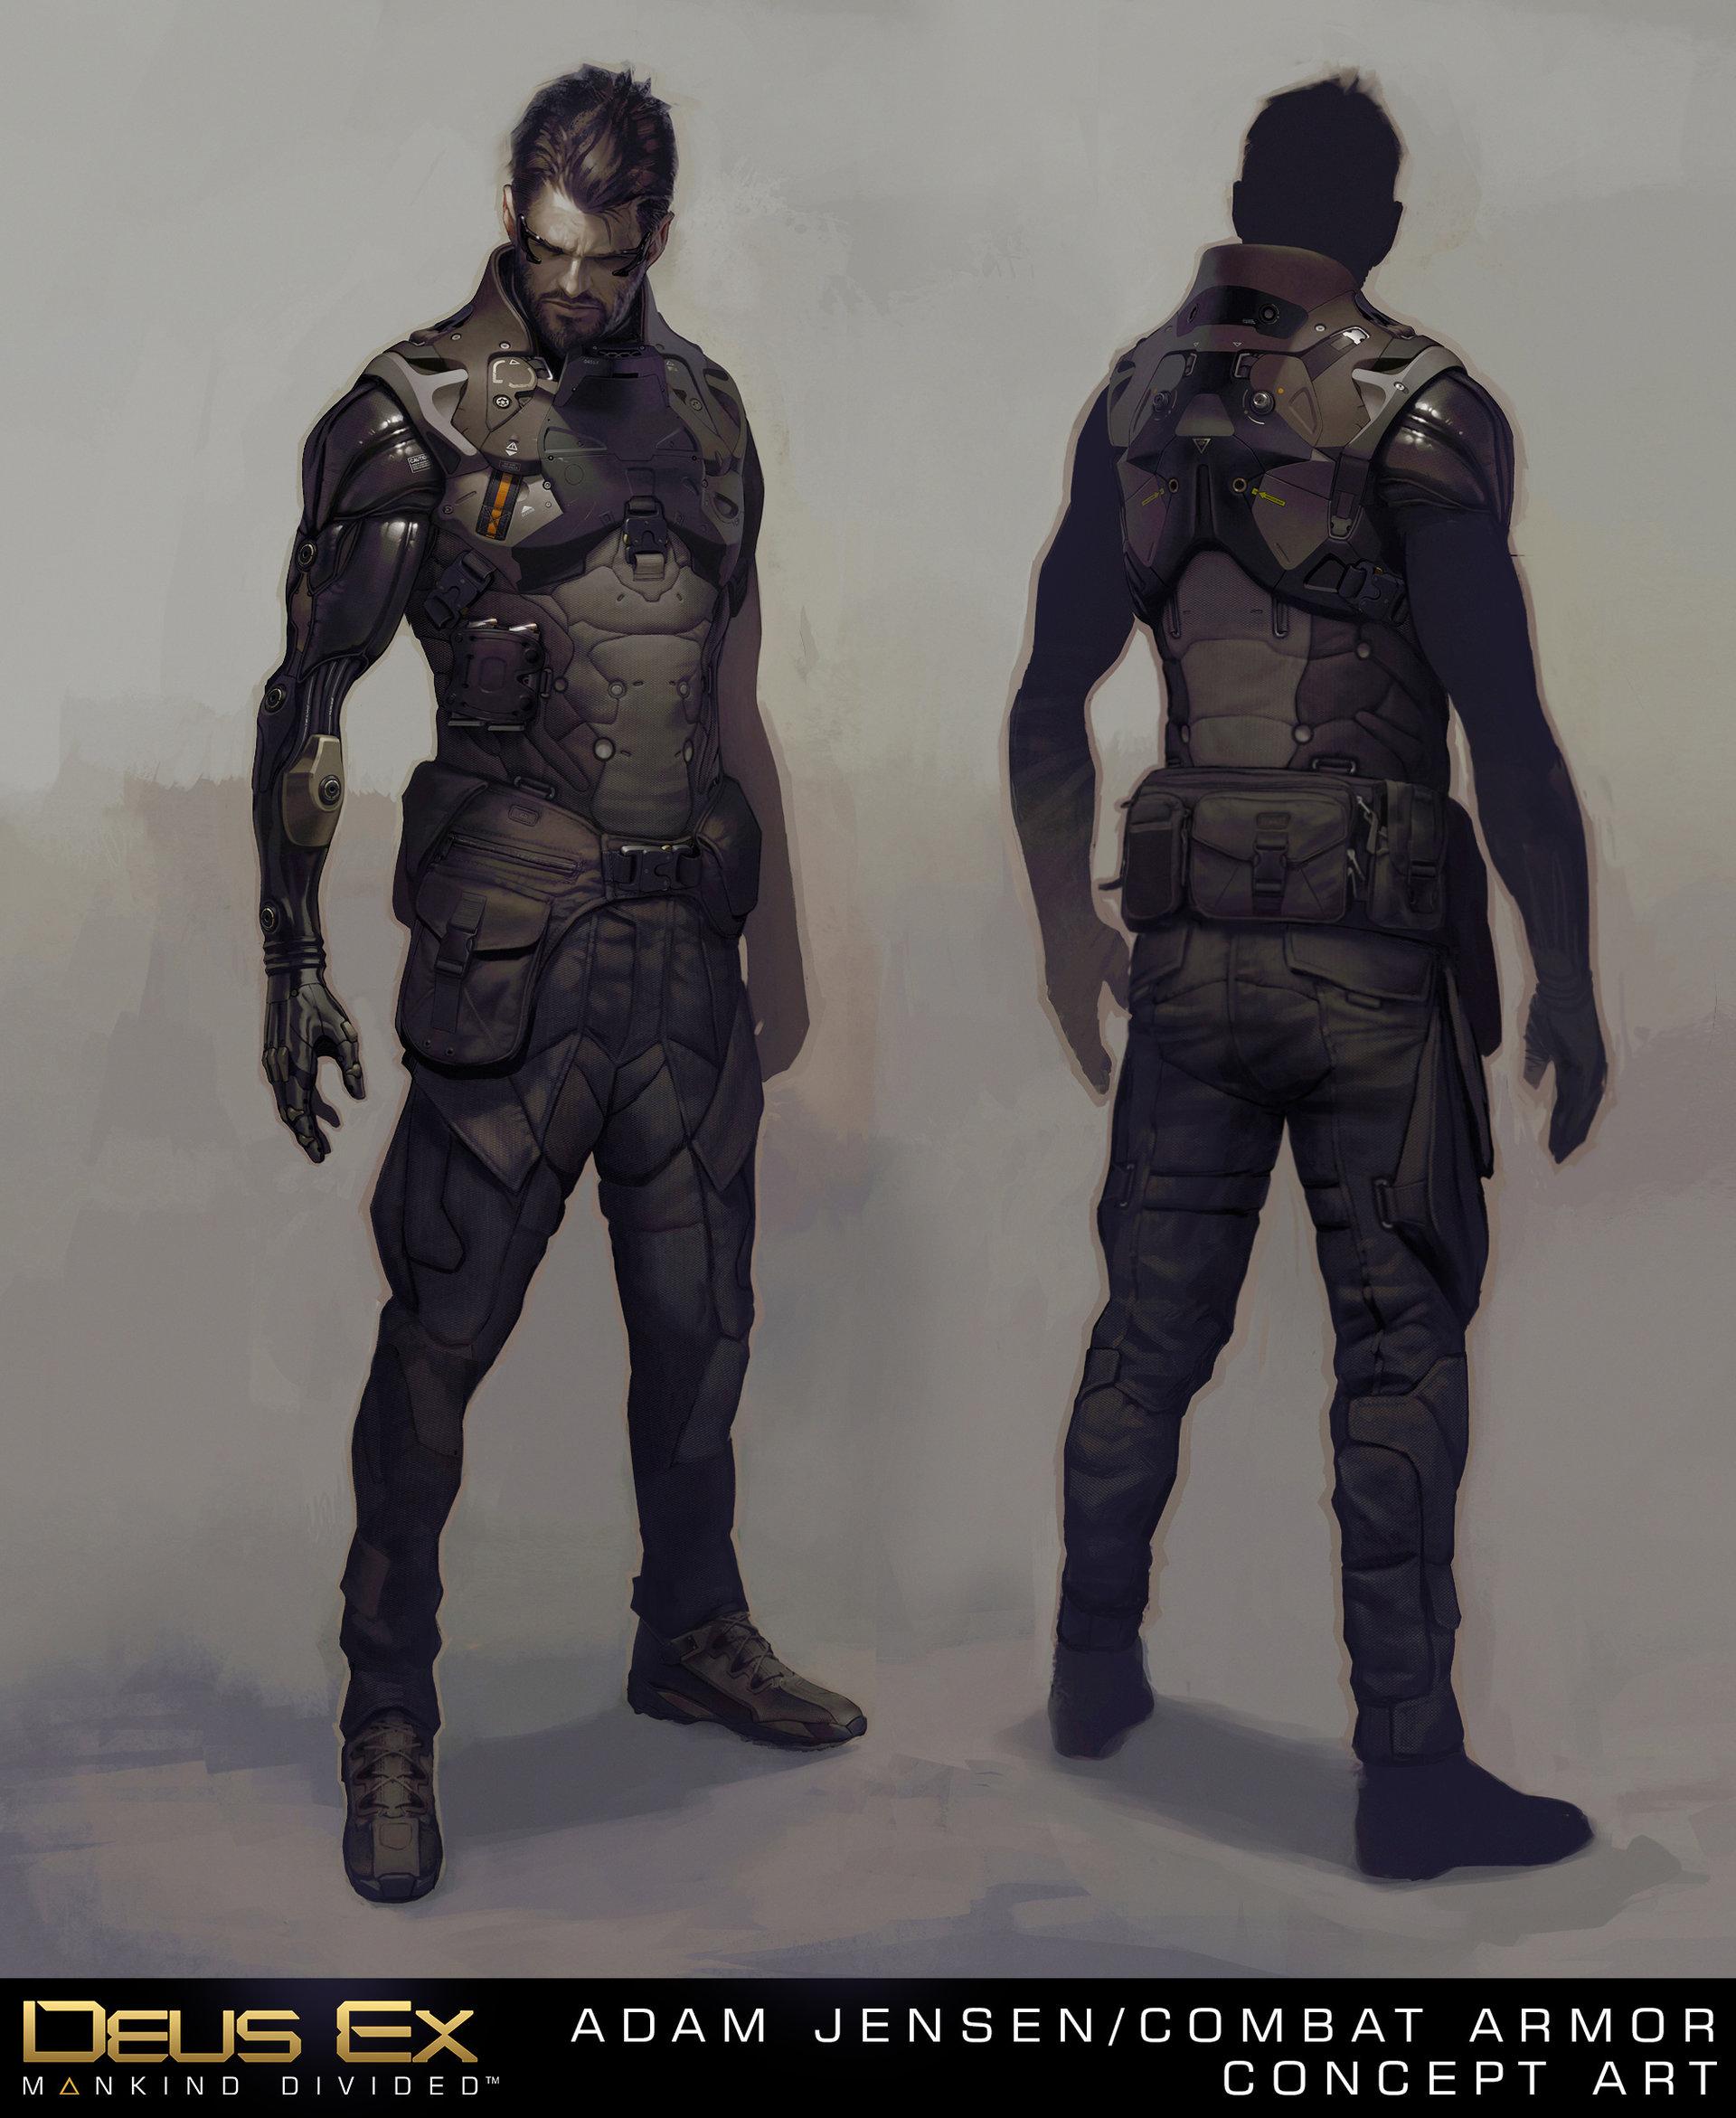 Deus Ex: Mankind Divided Concept Art